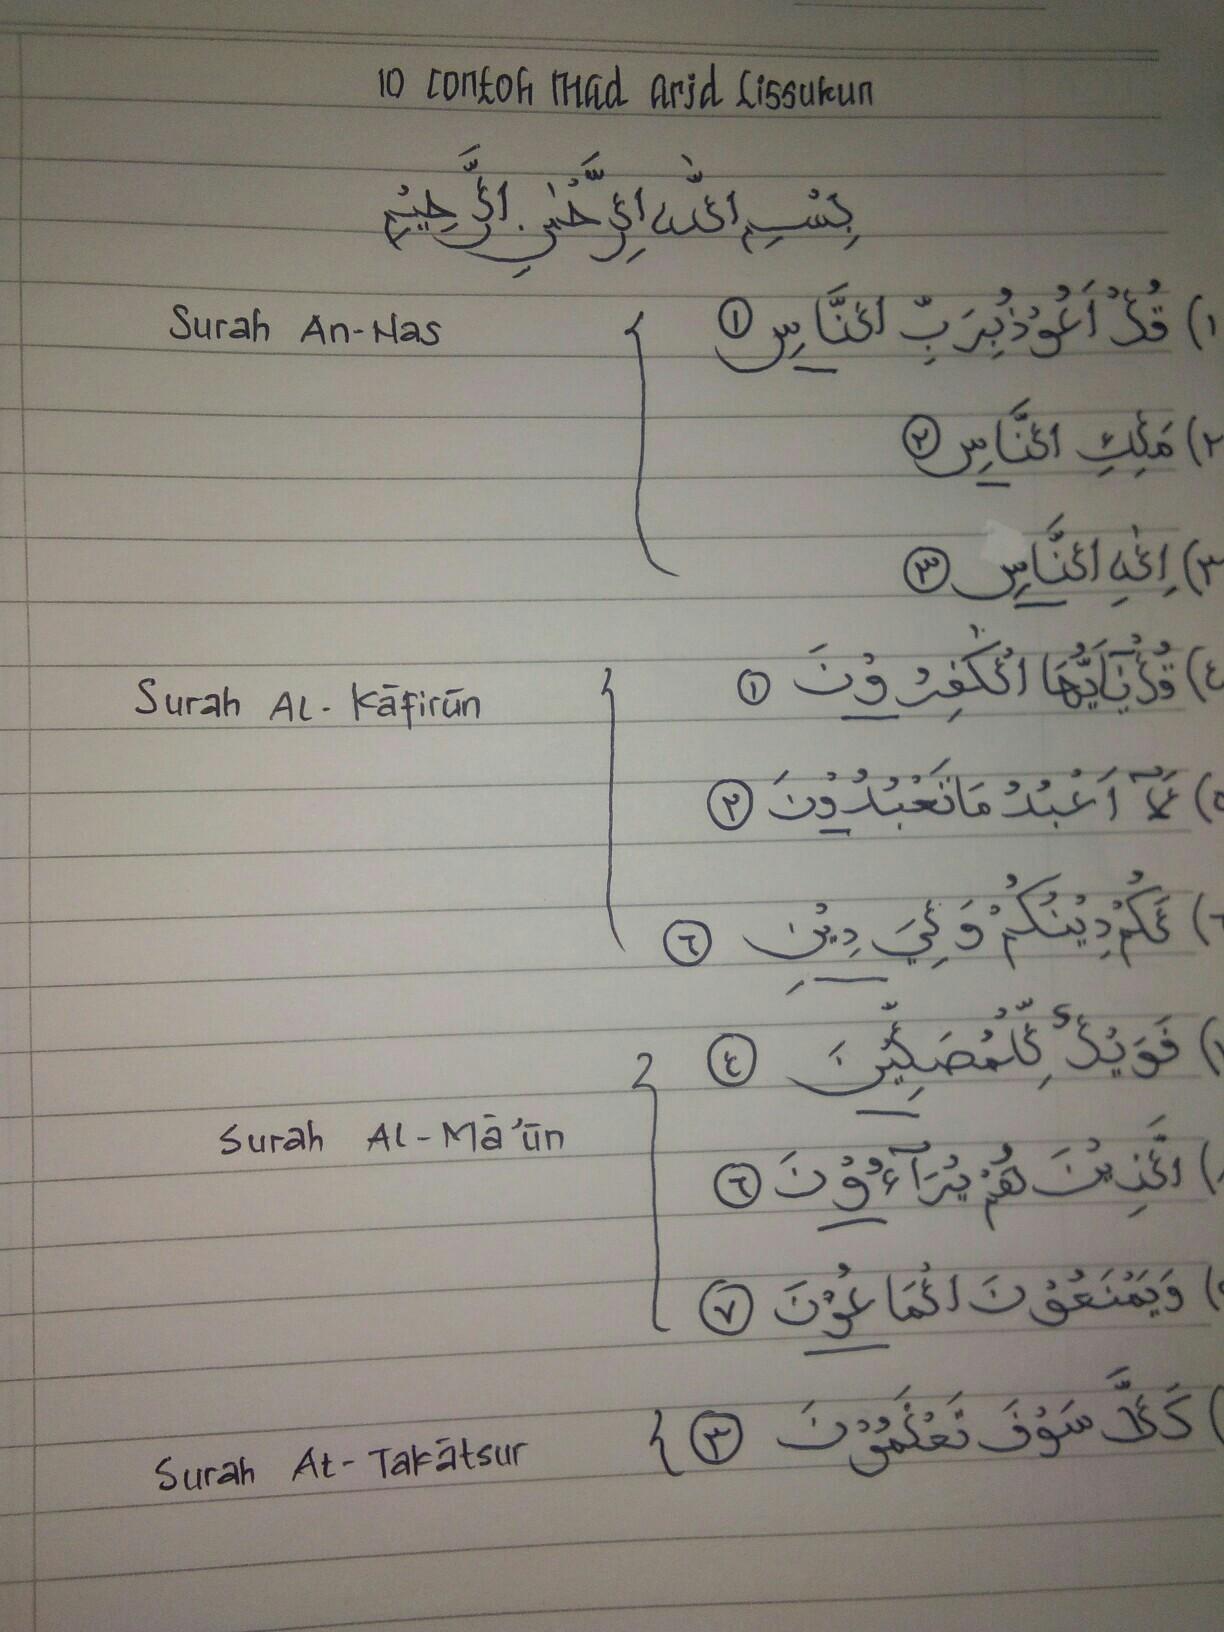 Pengertian Mad Arid Lissukun : pengertian, lissukun, Contoh, Lissukun, Dalam, Quran, Berbagai